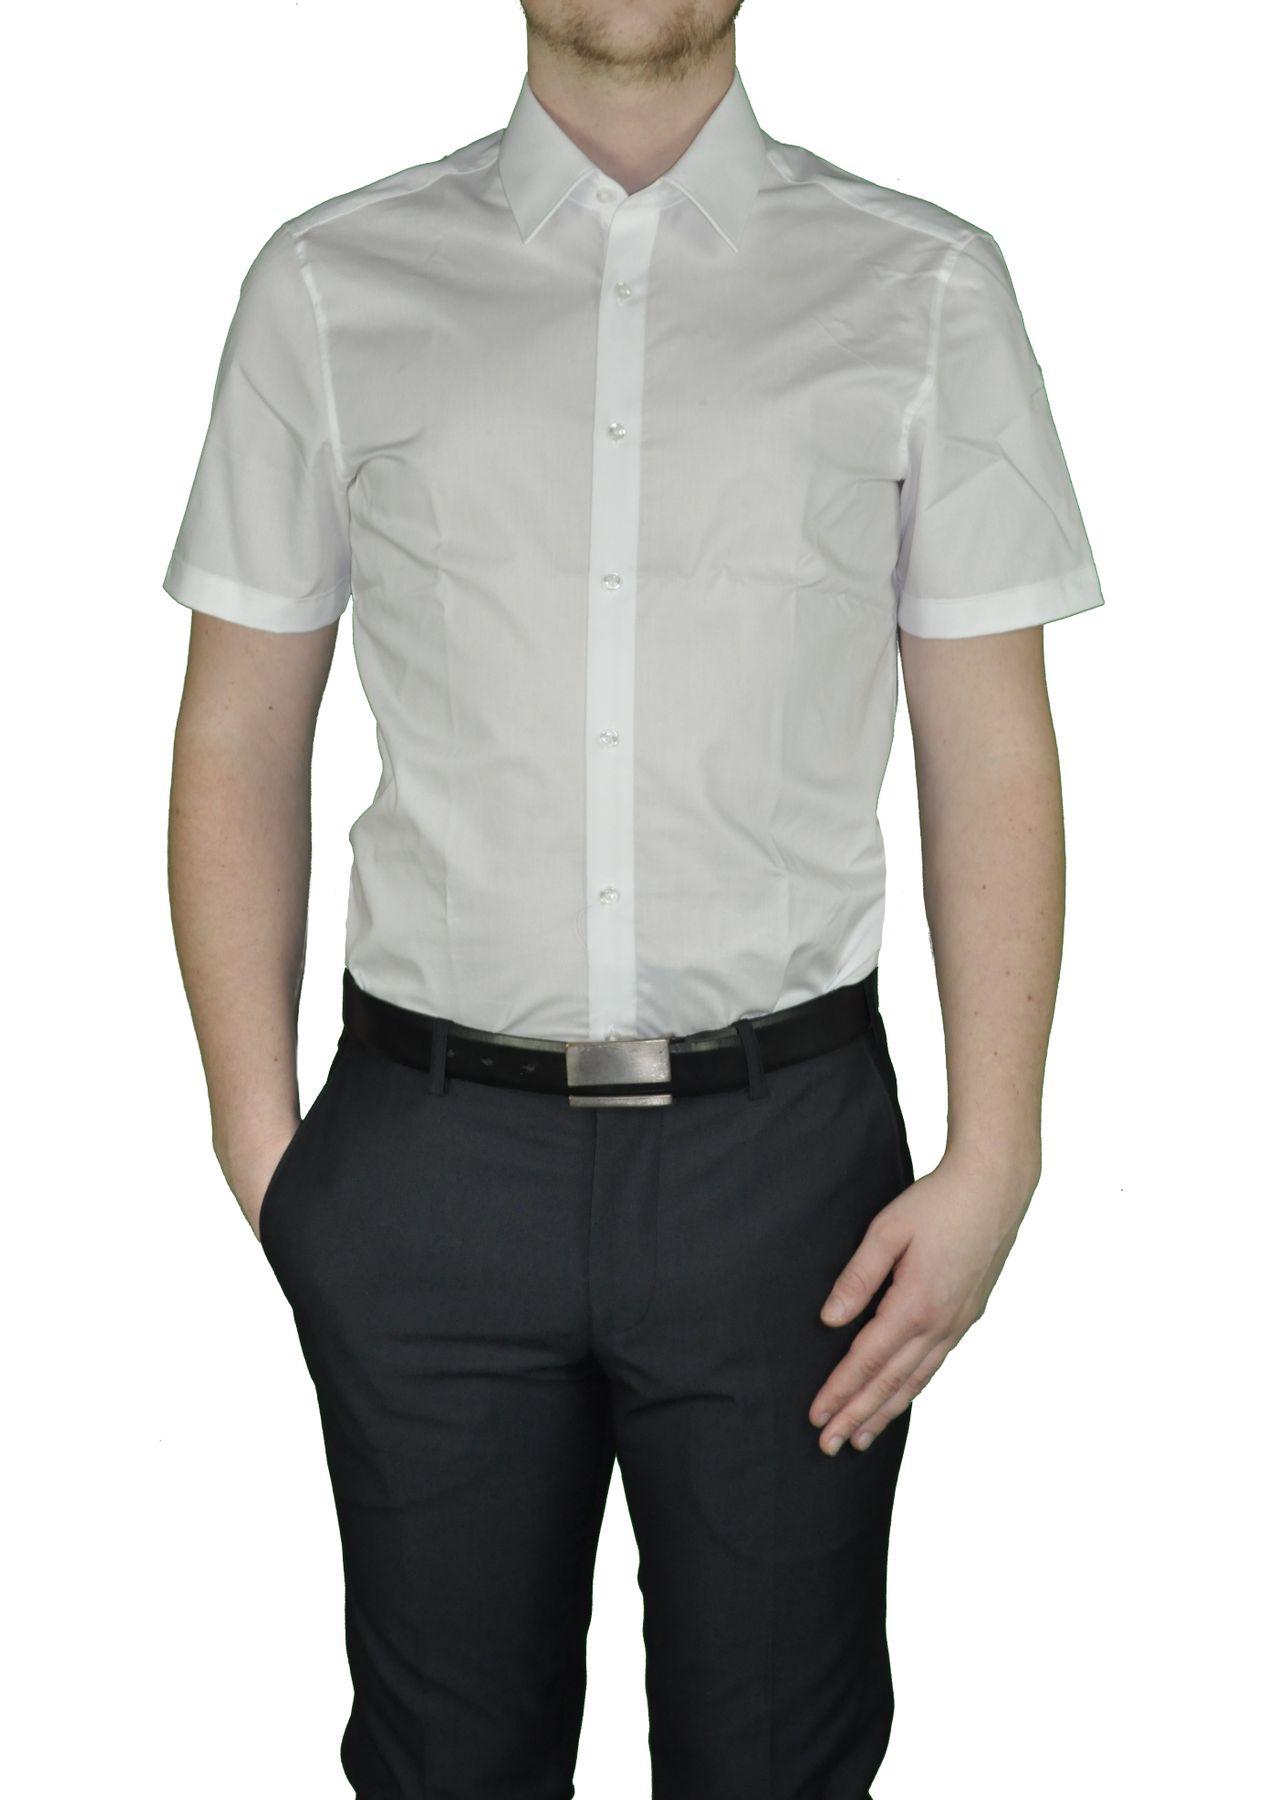 Bügelfreies Herren Kurzarm Hemd in verschiedenen Farben, Stil: SLIM FIT, Marke REDMOND(400930A)